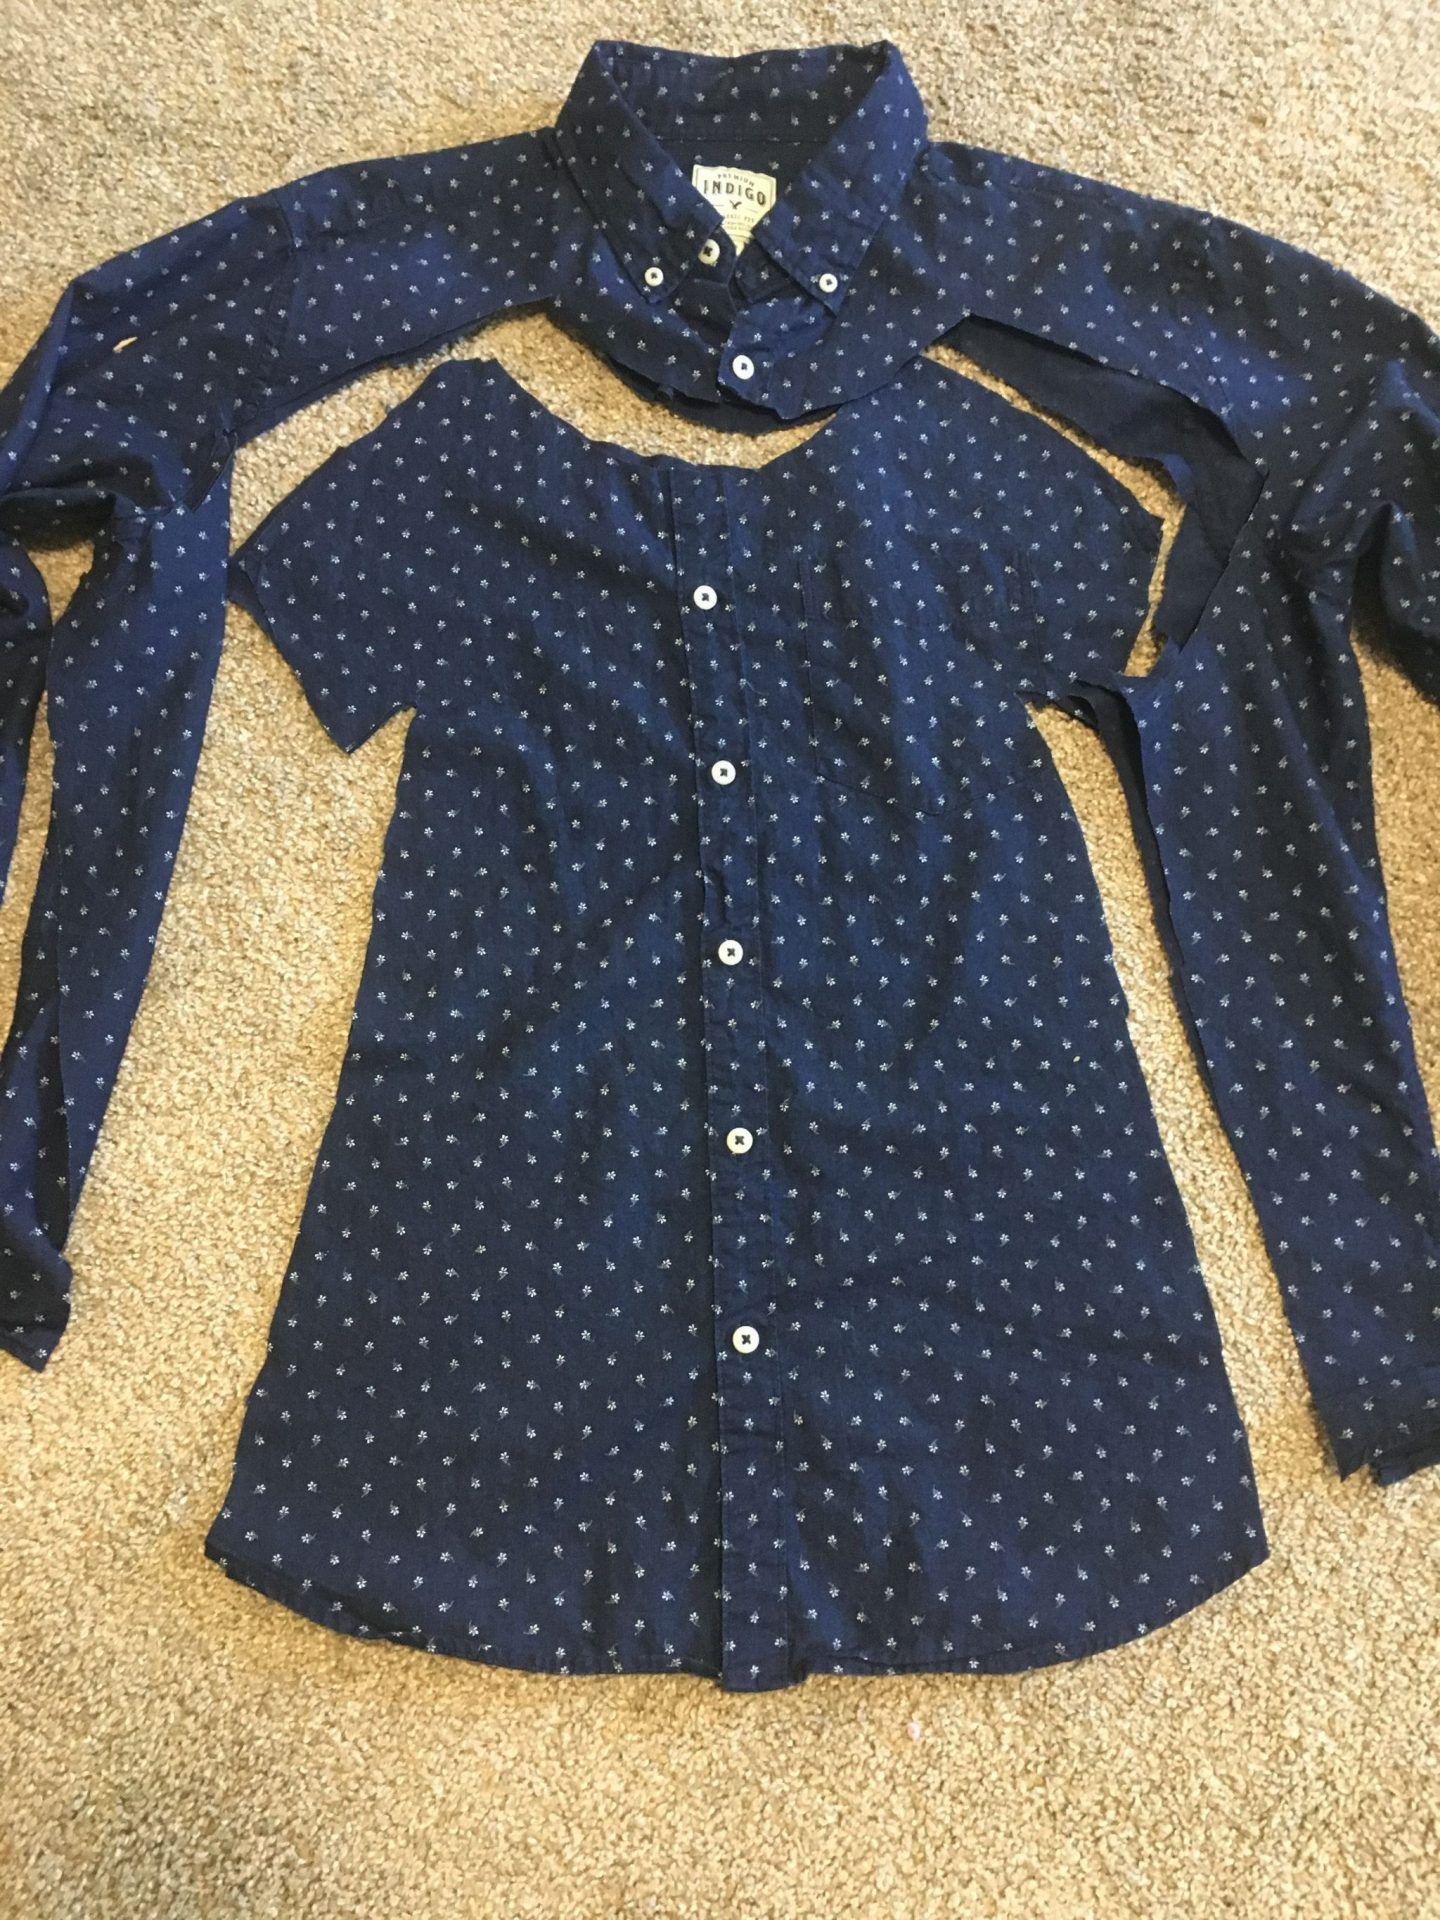 Comment faire une robe pour fille à partir d'une chemise de ville pour homme   – Sewing